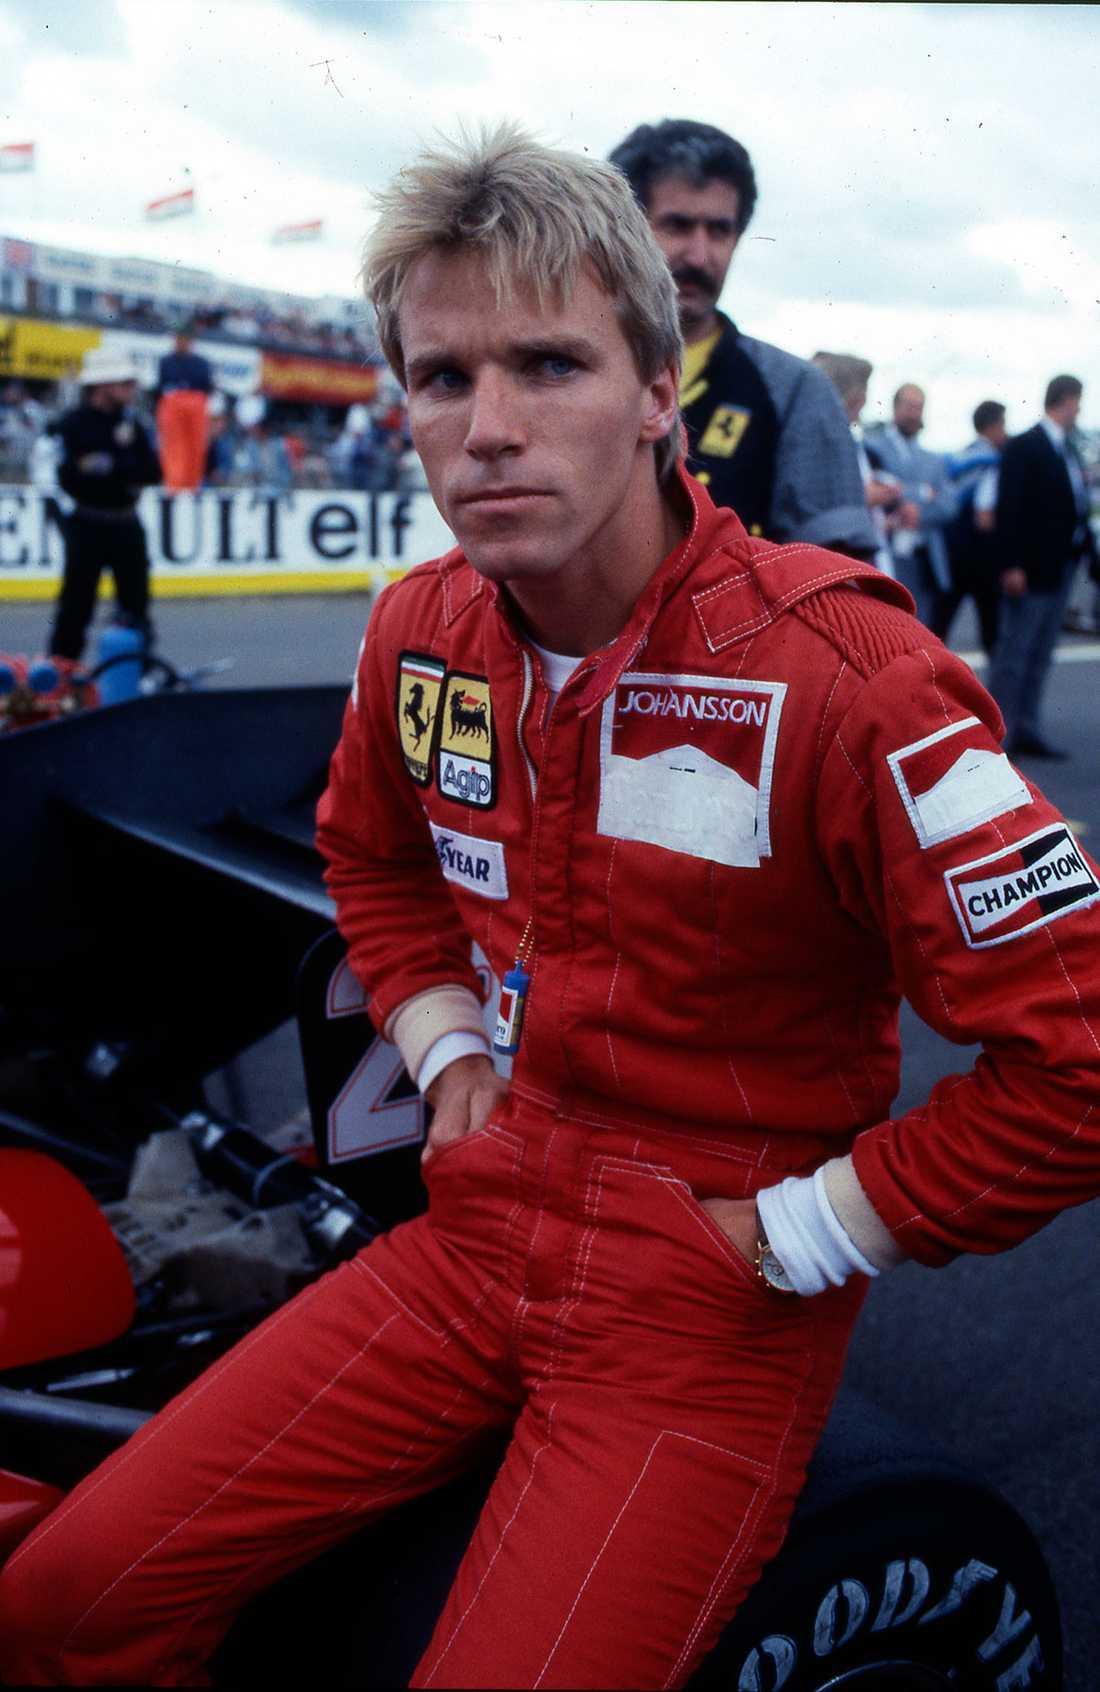 """Stefan """"Lill-Lövis"""" Johansson Född: 8 september 1956. År i F1: 1980–1991. Antal körda GP: 79. Bästa resultat: Andraplats (vid fyra tillfällen). Bästa VM-placering: 5:a, 1986."""